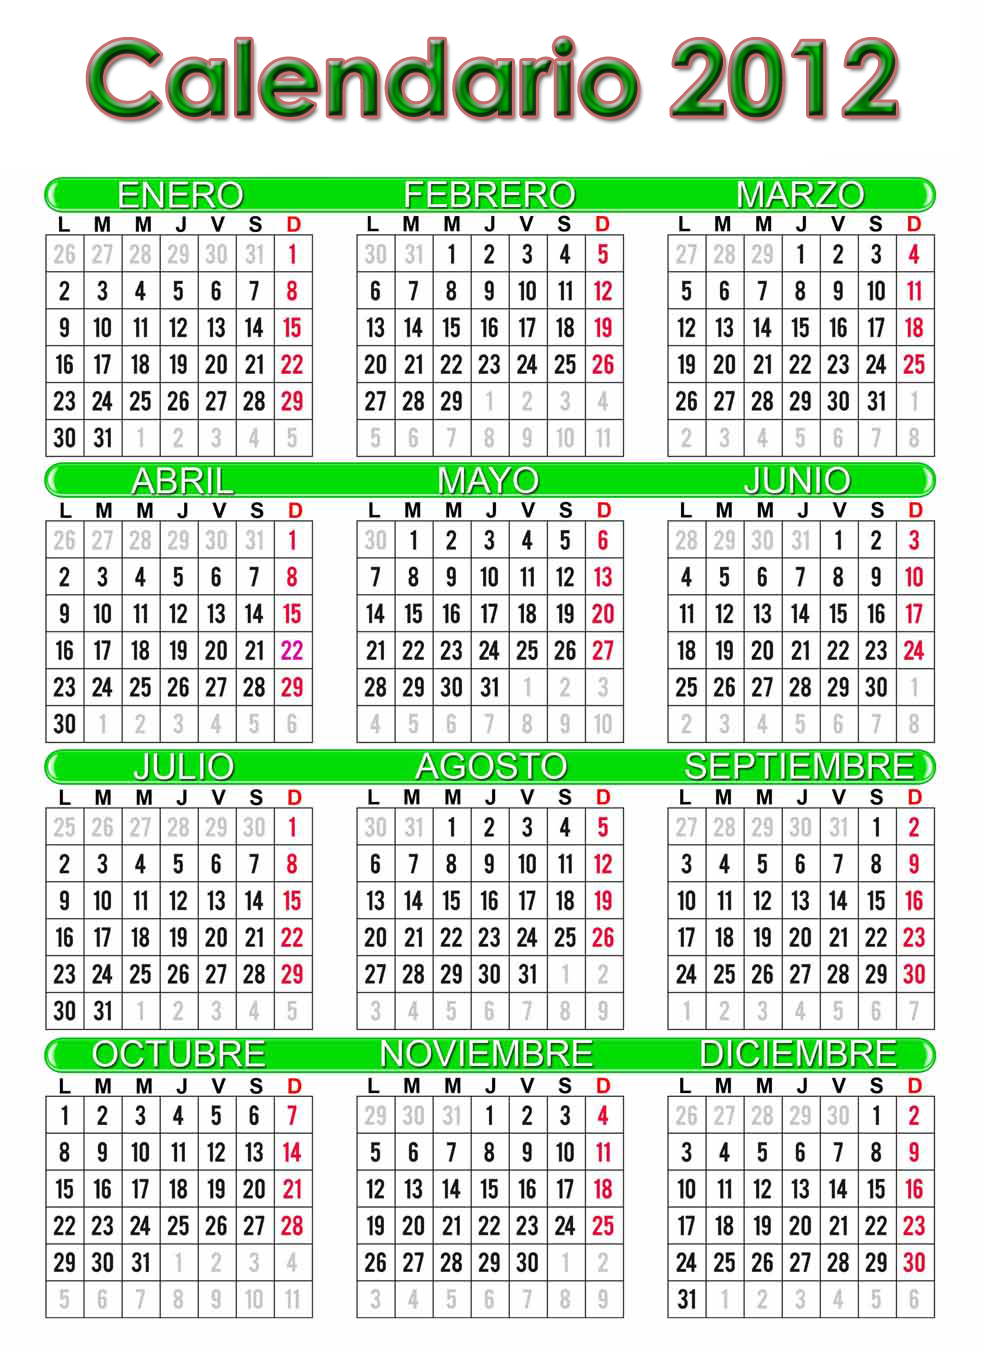 ... imprimir 378x520 Ver Calendario 2012 en español, grande para Imprimir